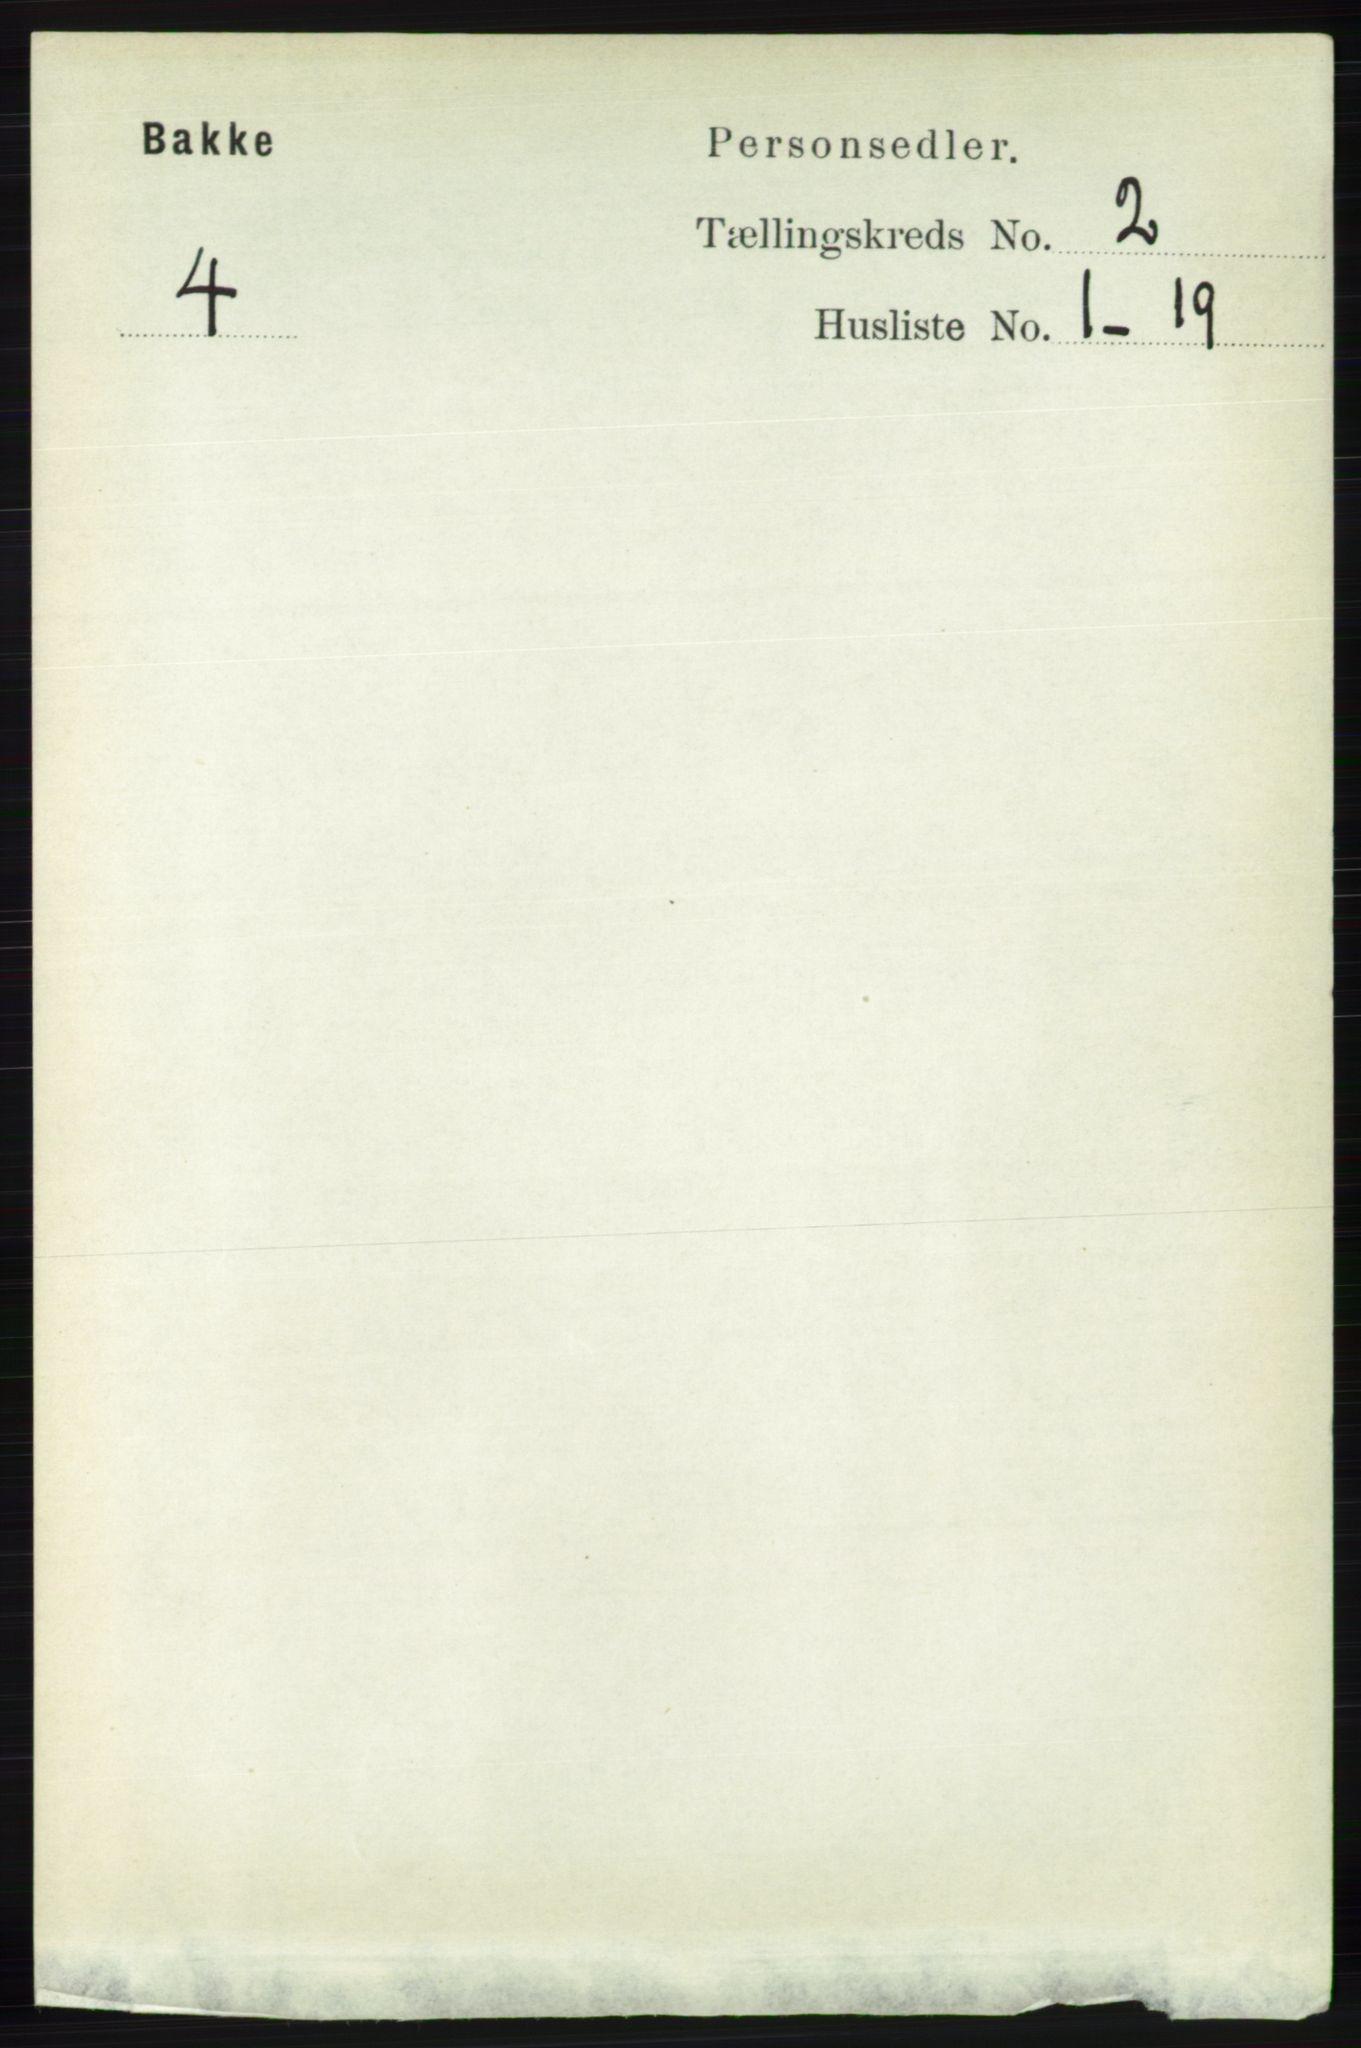 RA, Folketelling 1891 for 1045 Bakke herred, 1891, s. 282